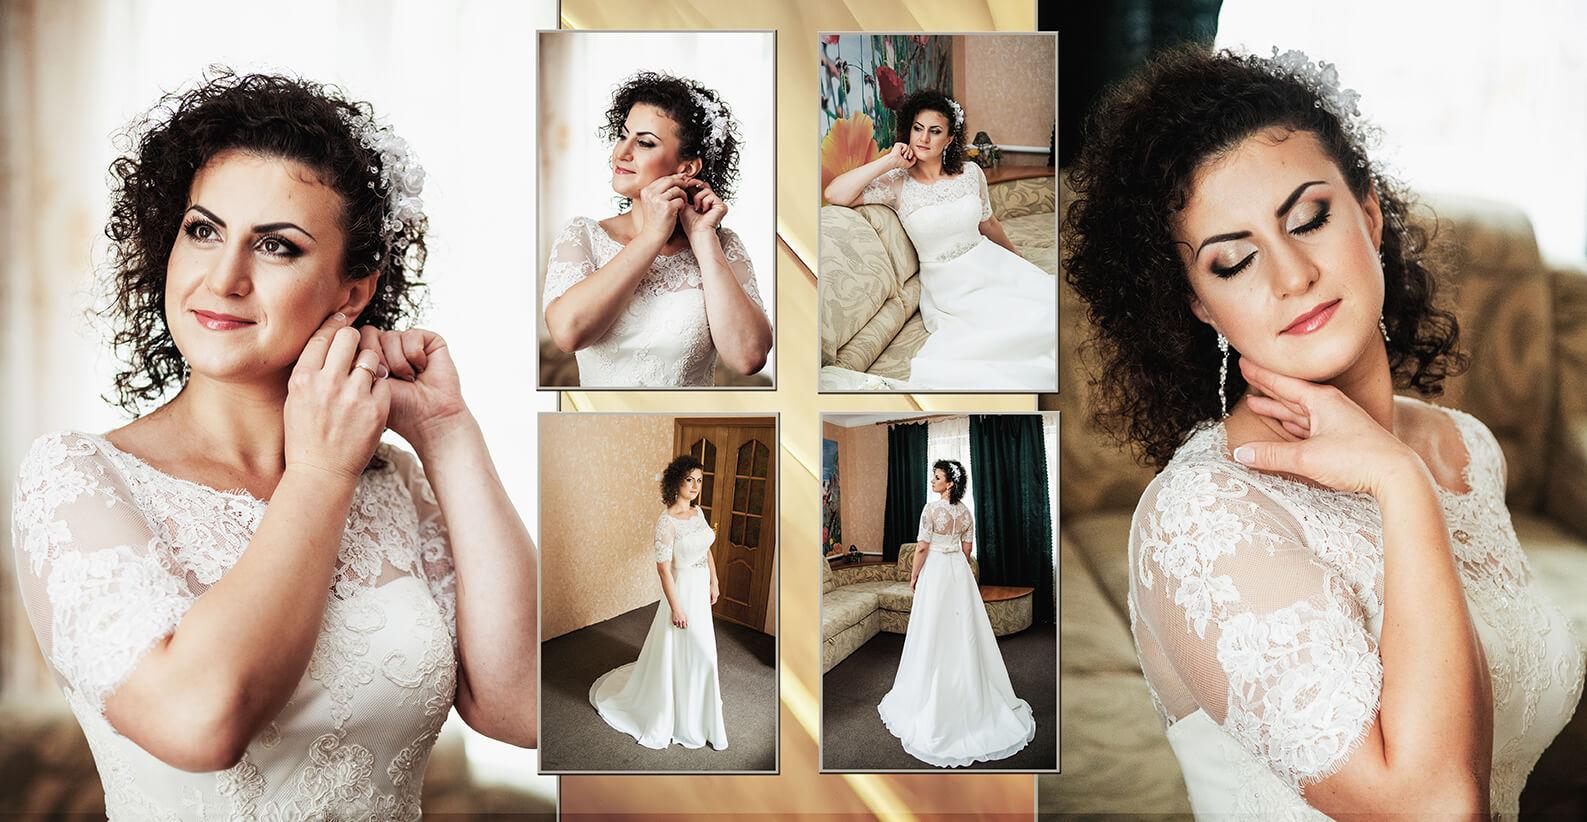 svadebnaja-fotokniga-albom-zakazat-fotograf-kiev-primery-2